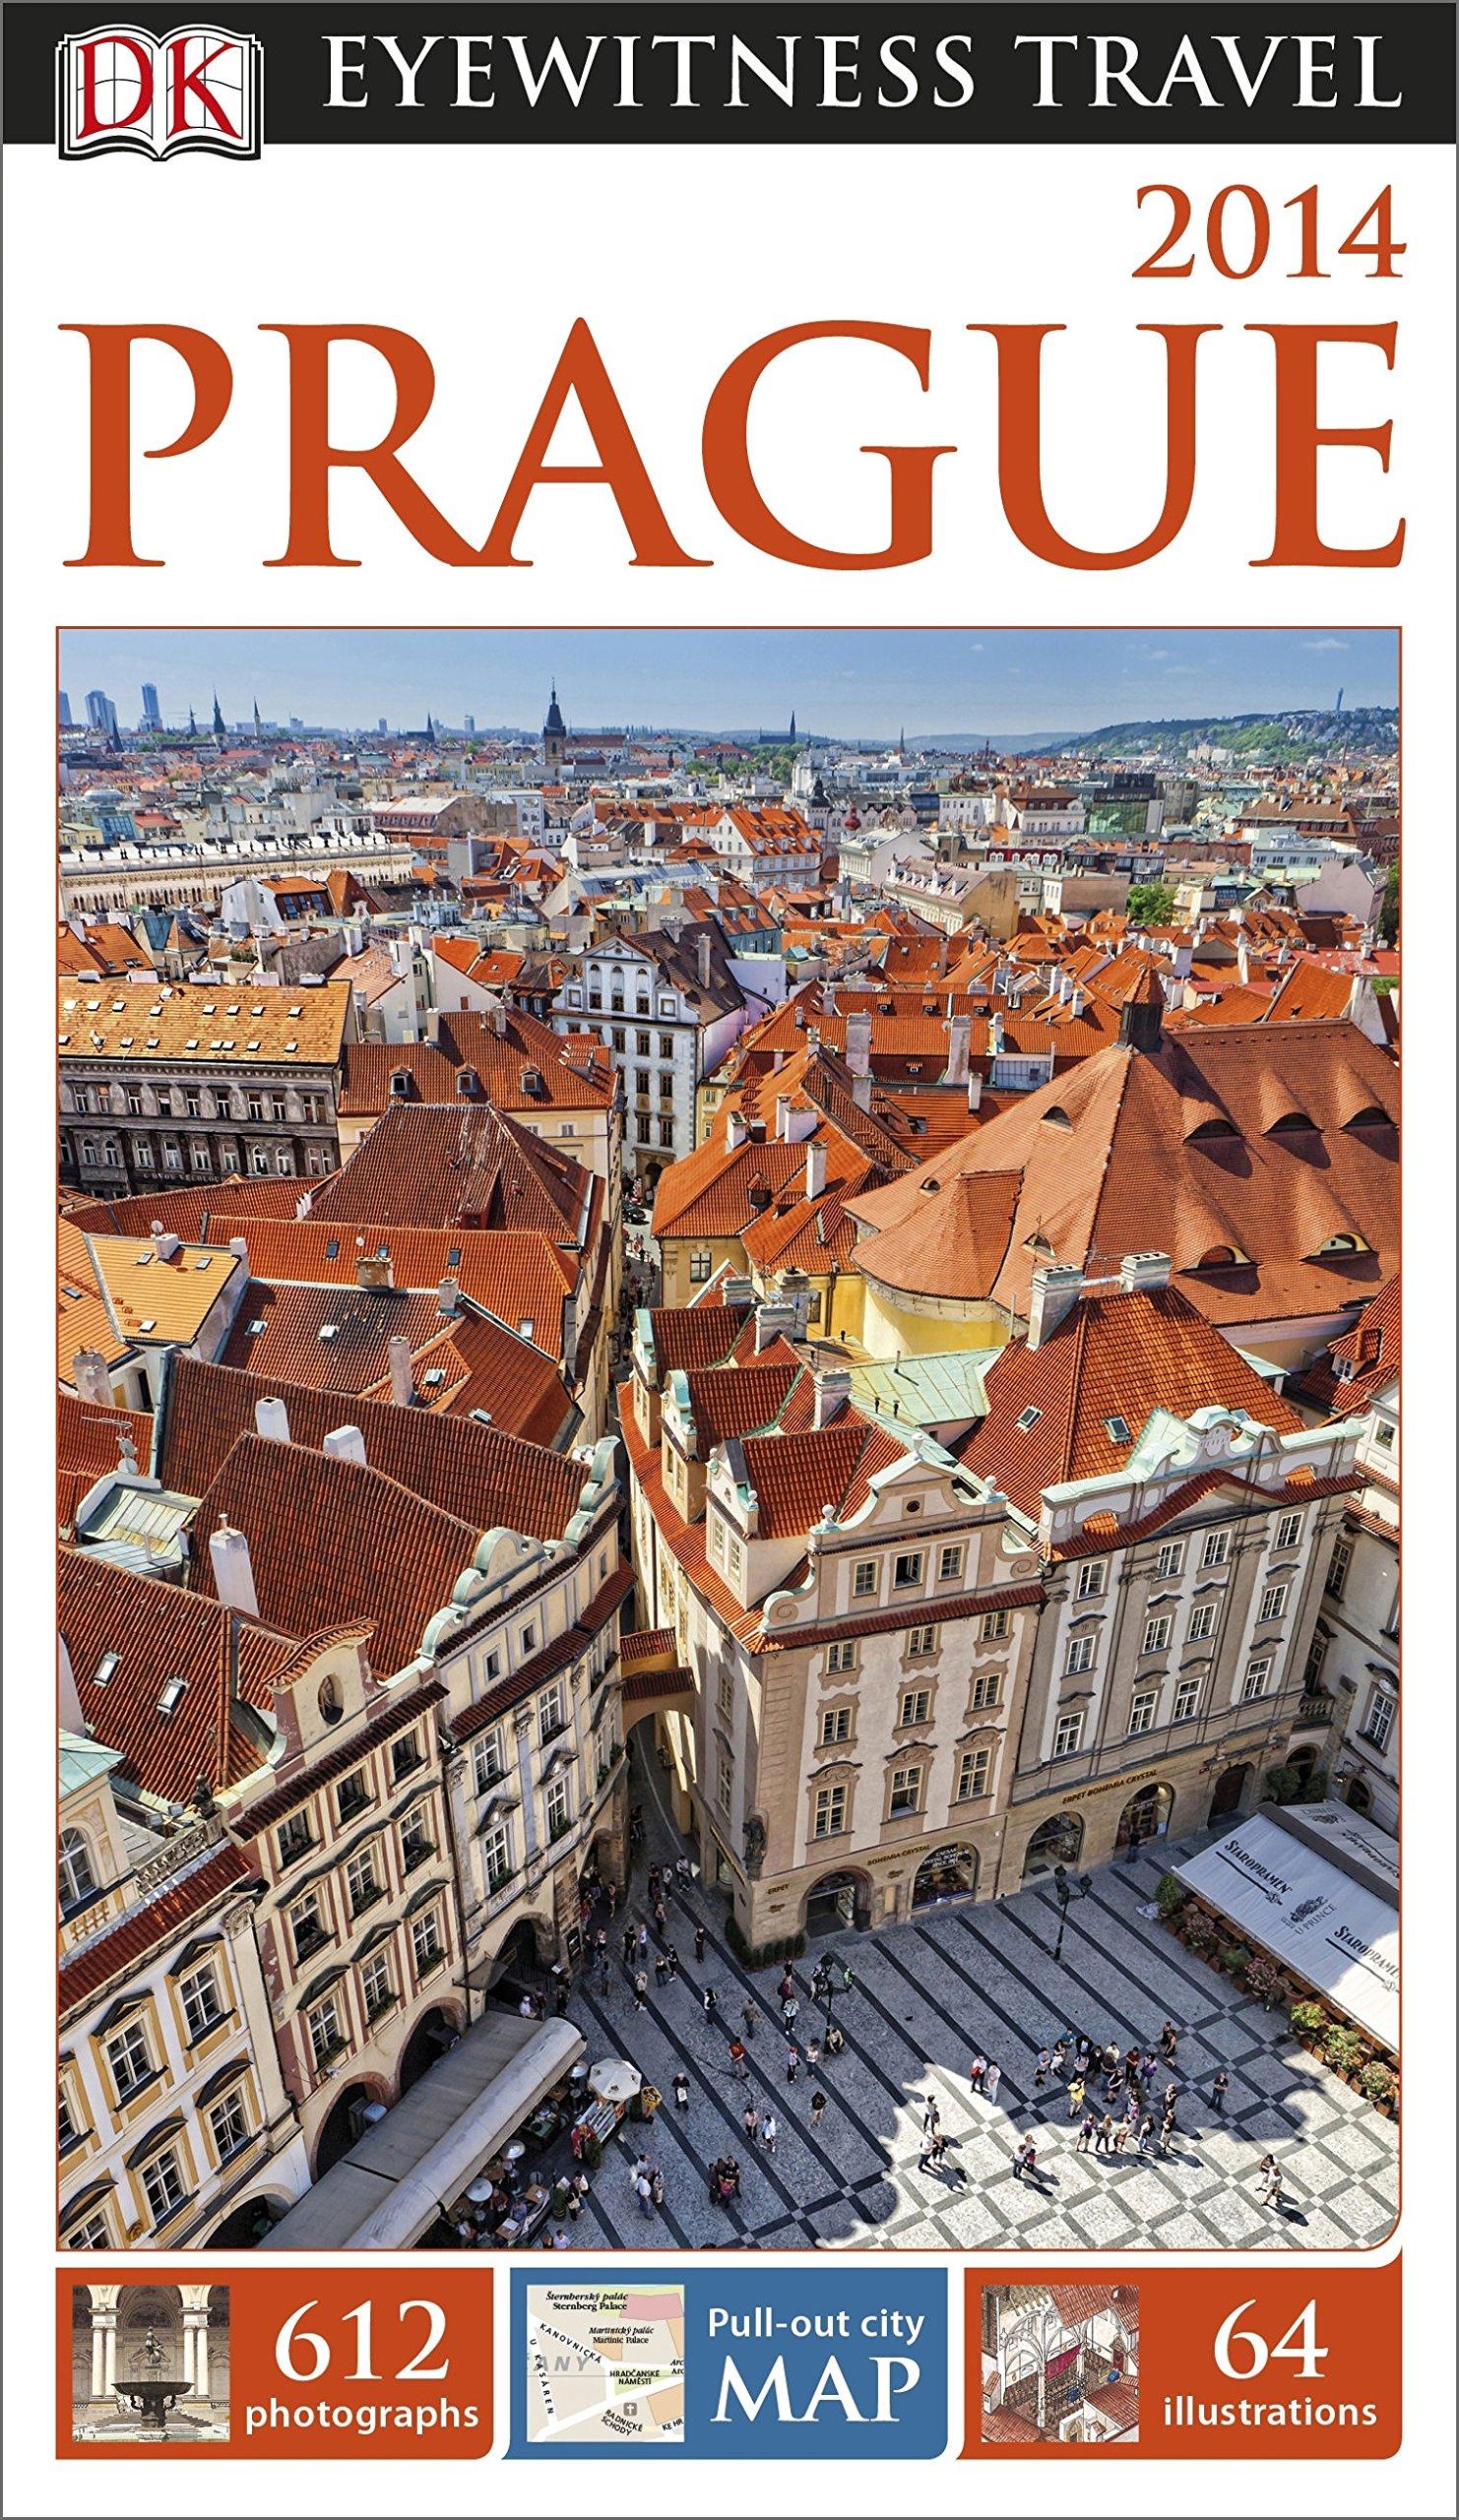 DK Eyewitness Travel Guide: Prague